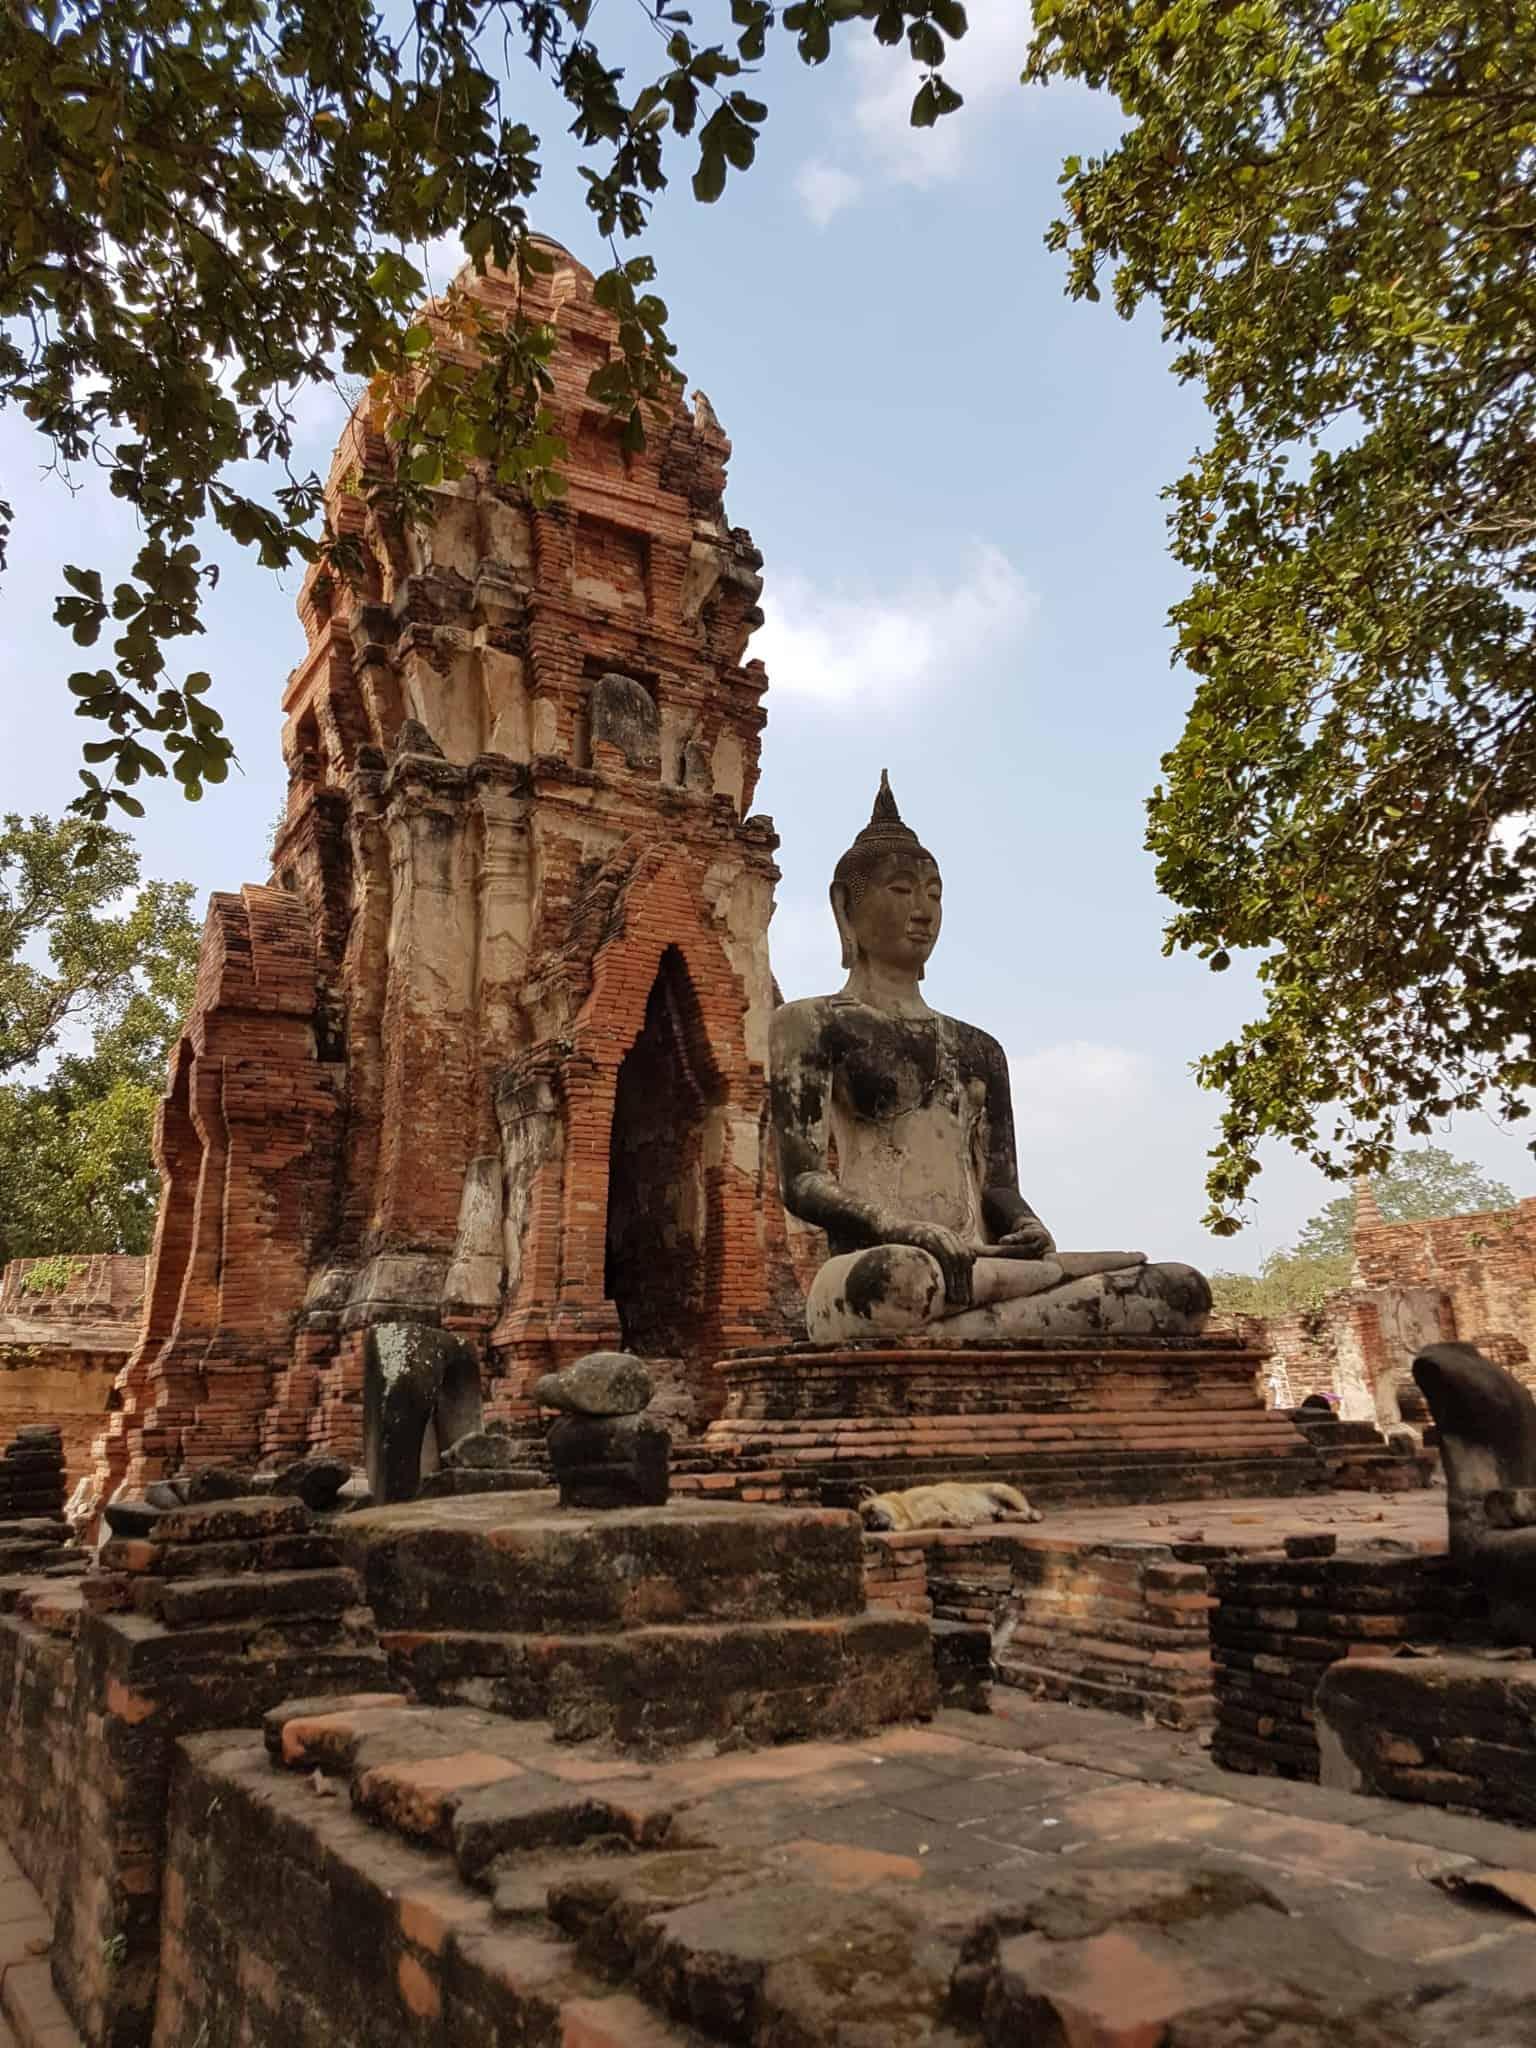 Thaïlande, visite d'Ayutthaya et de ses temples 🌞 11